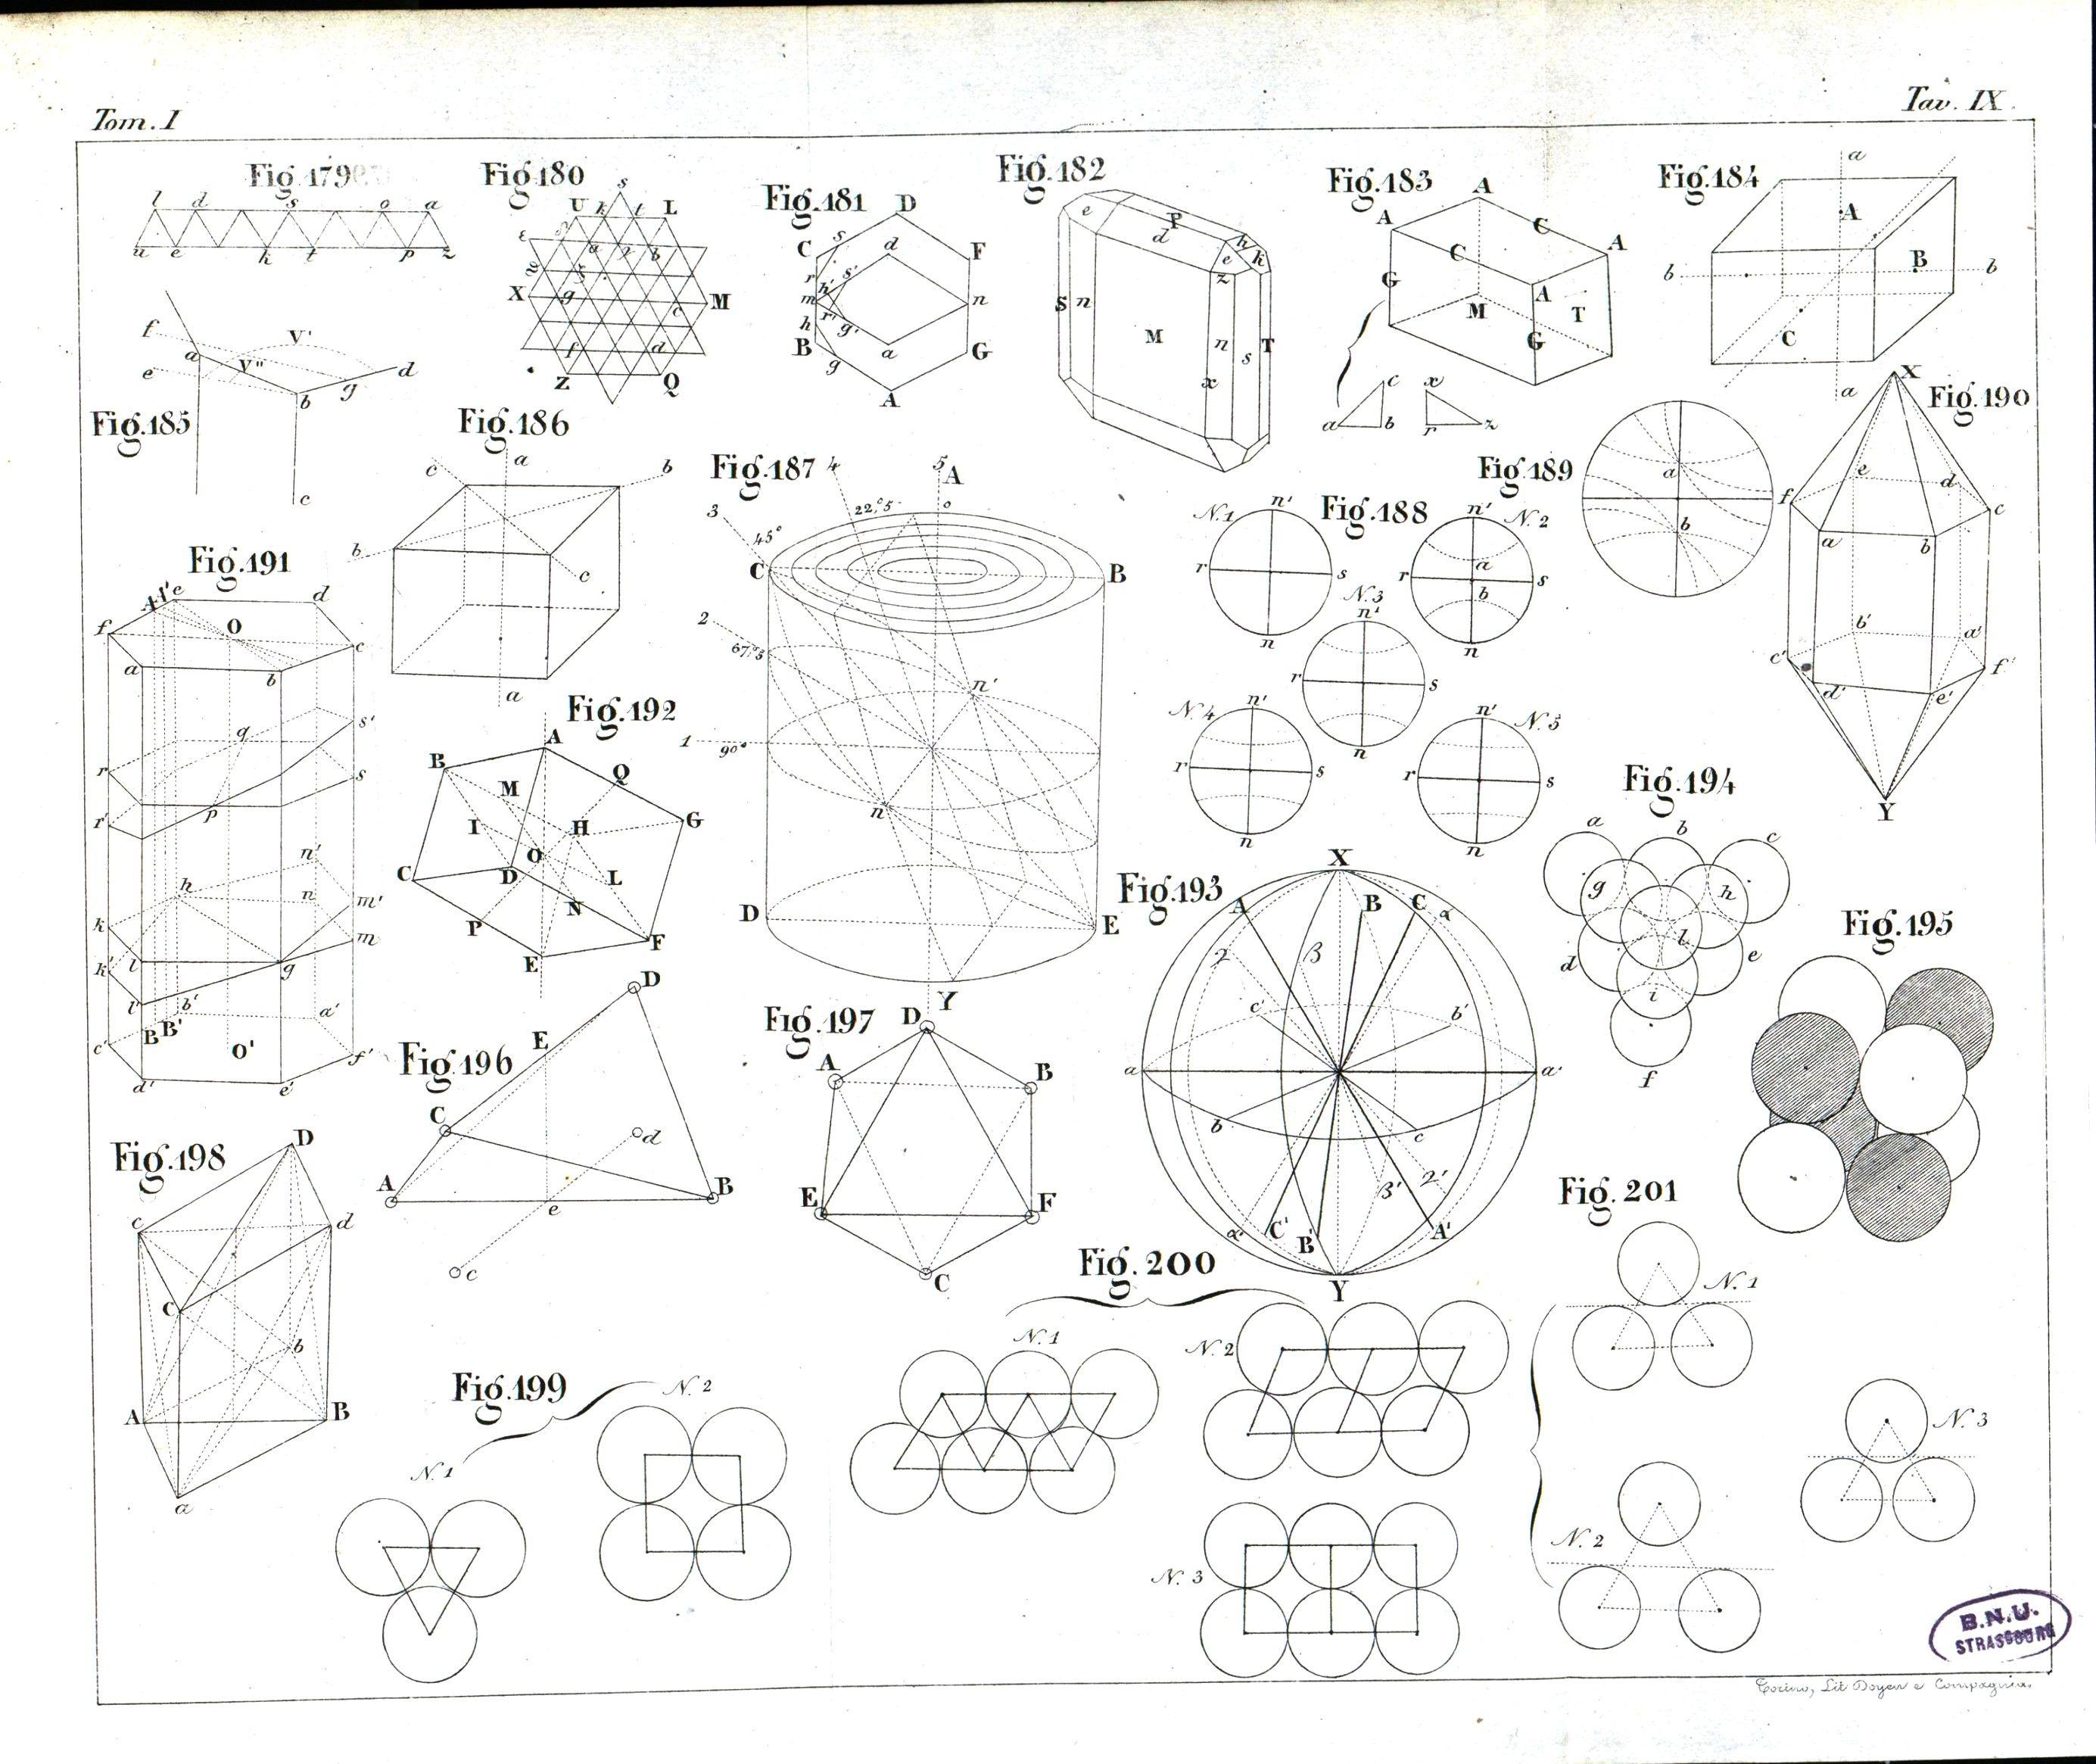 euclidean geometry renaissance vintage images Ancient Egyptian House Diagram euclidean geometry renaissance